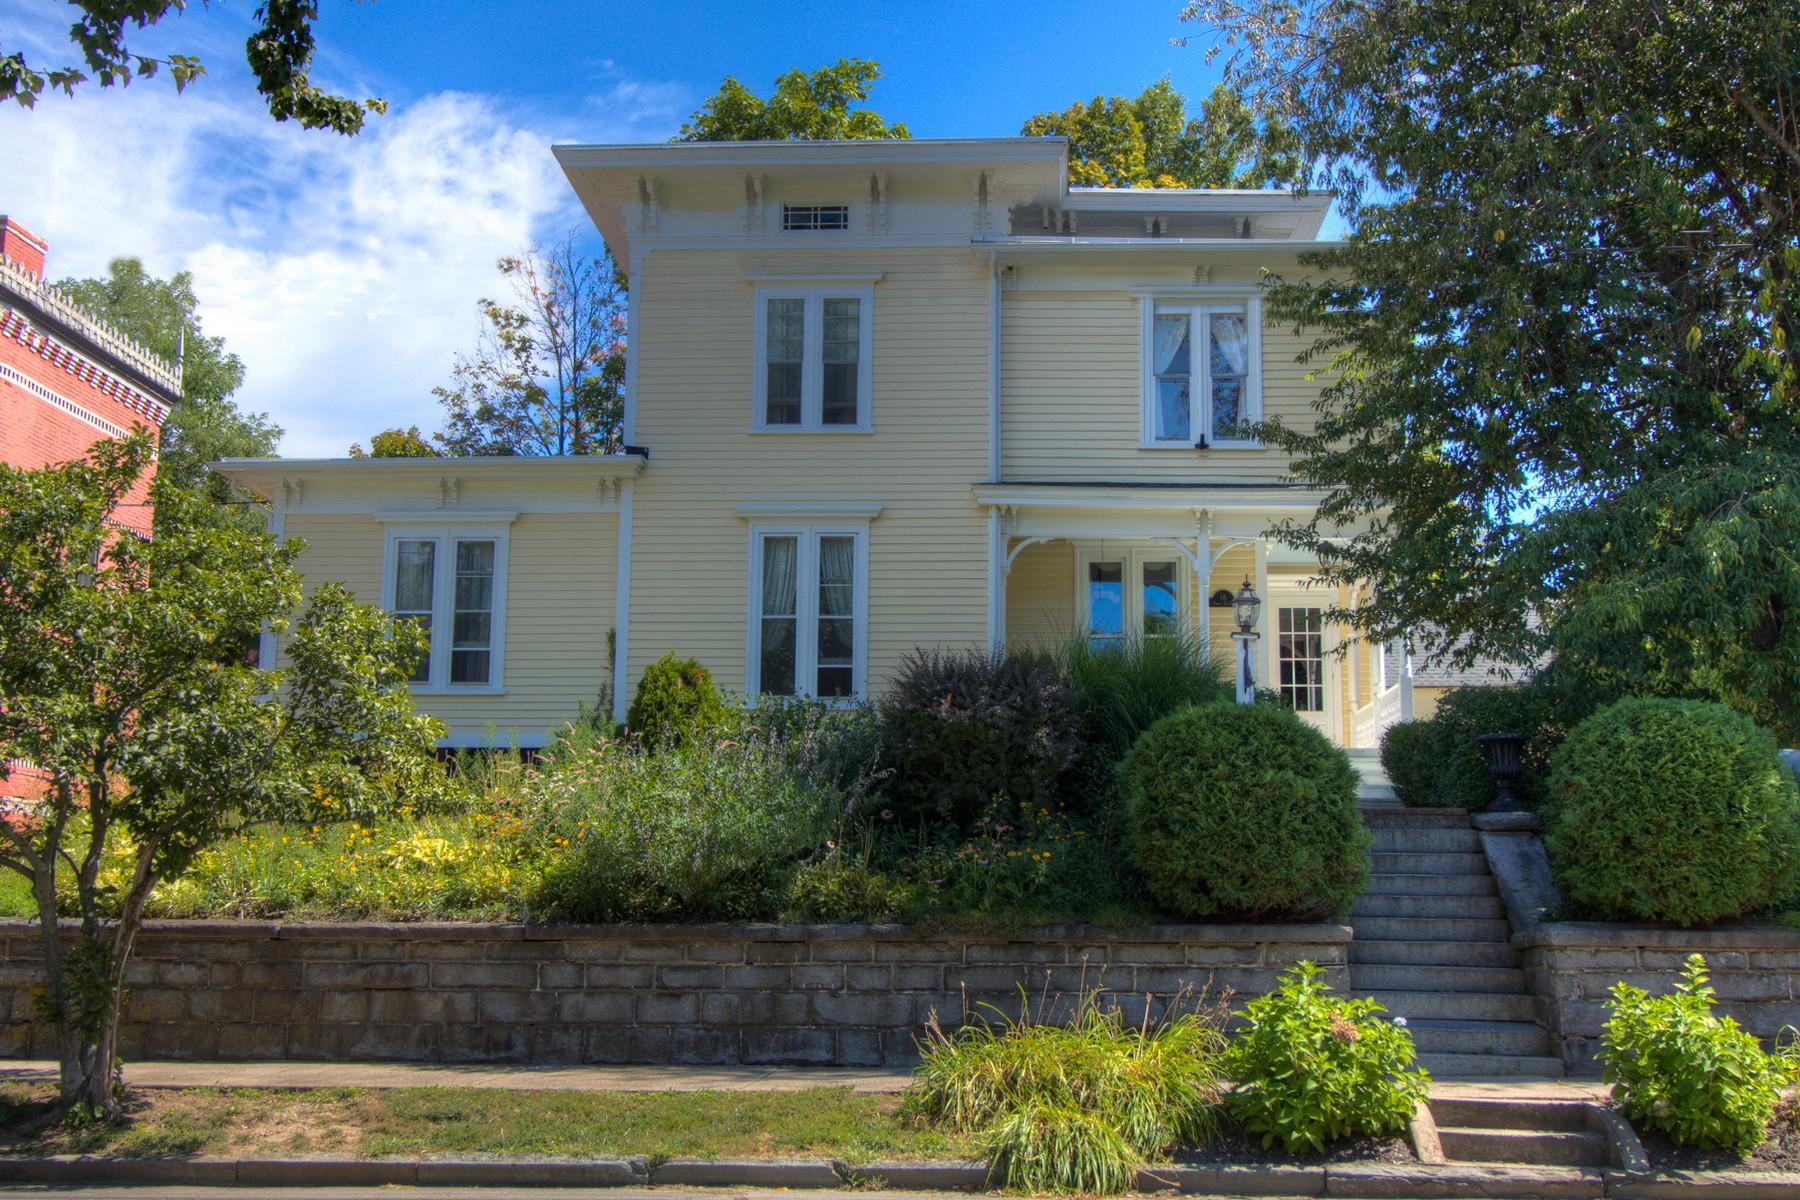 Maison unifamiliale pour l Vente à Lovingly Restored Historic Property 16 Spring St Bristol, Connecticut, 06010 États-Unis